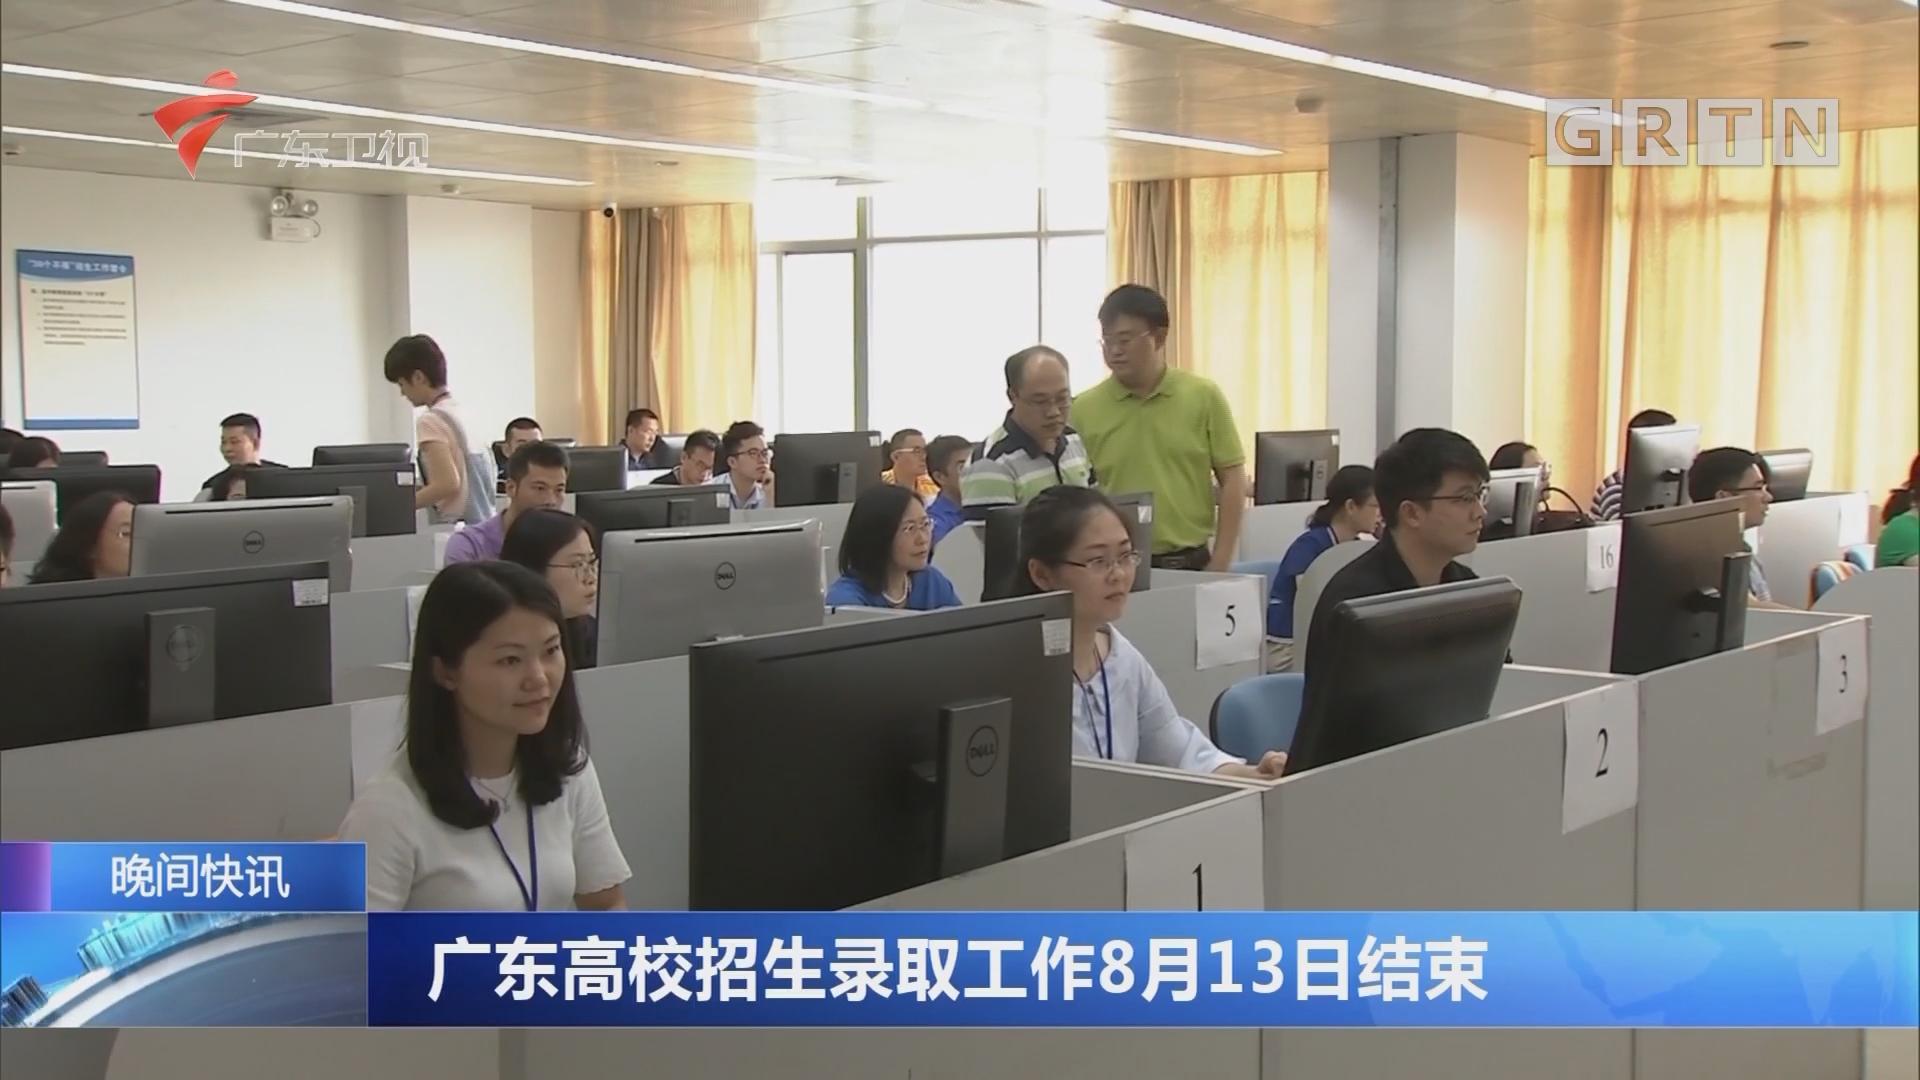 广东高校招生录取工作8月13日结束